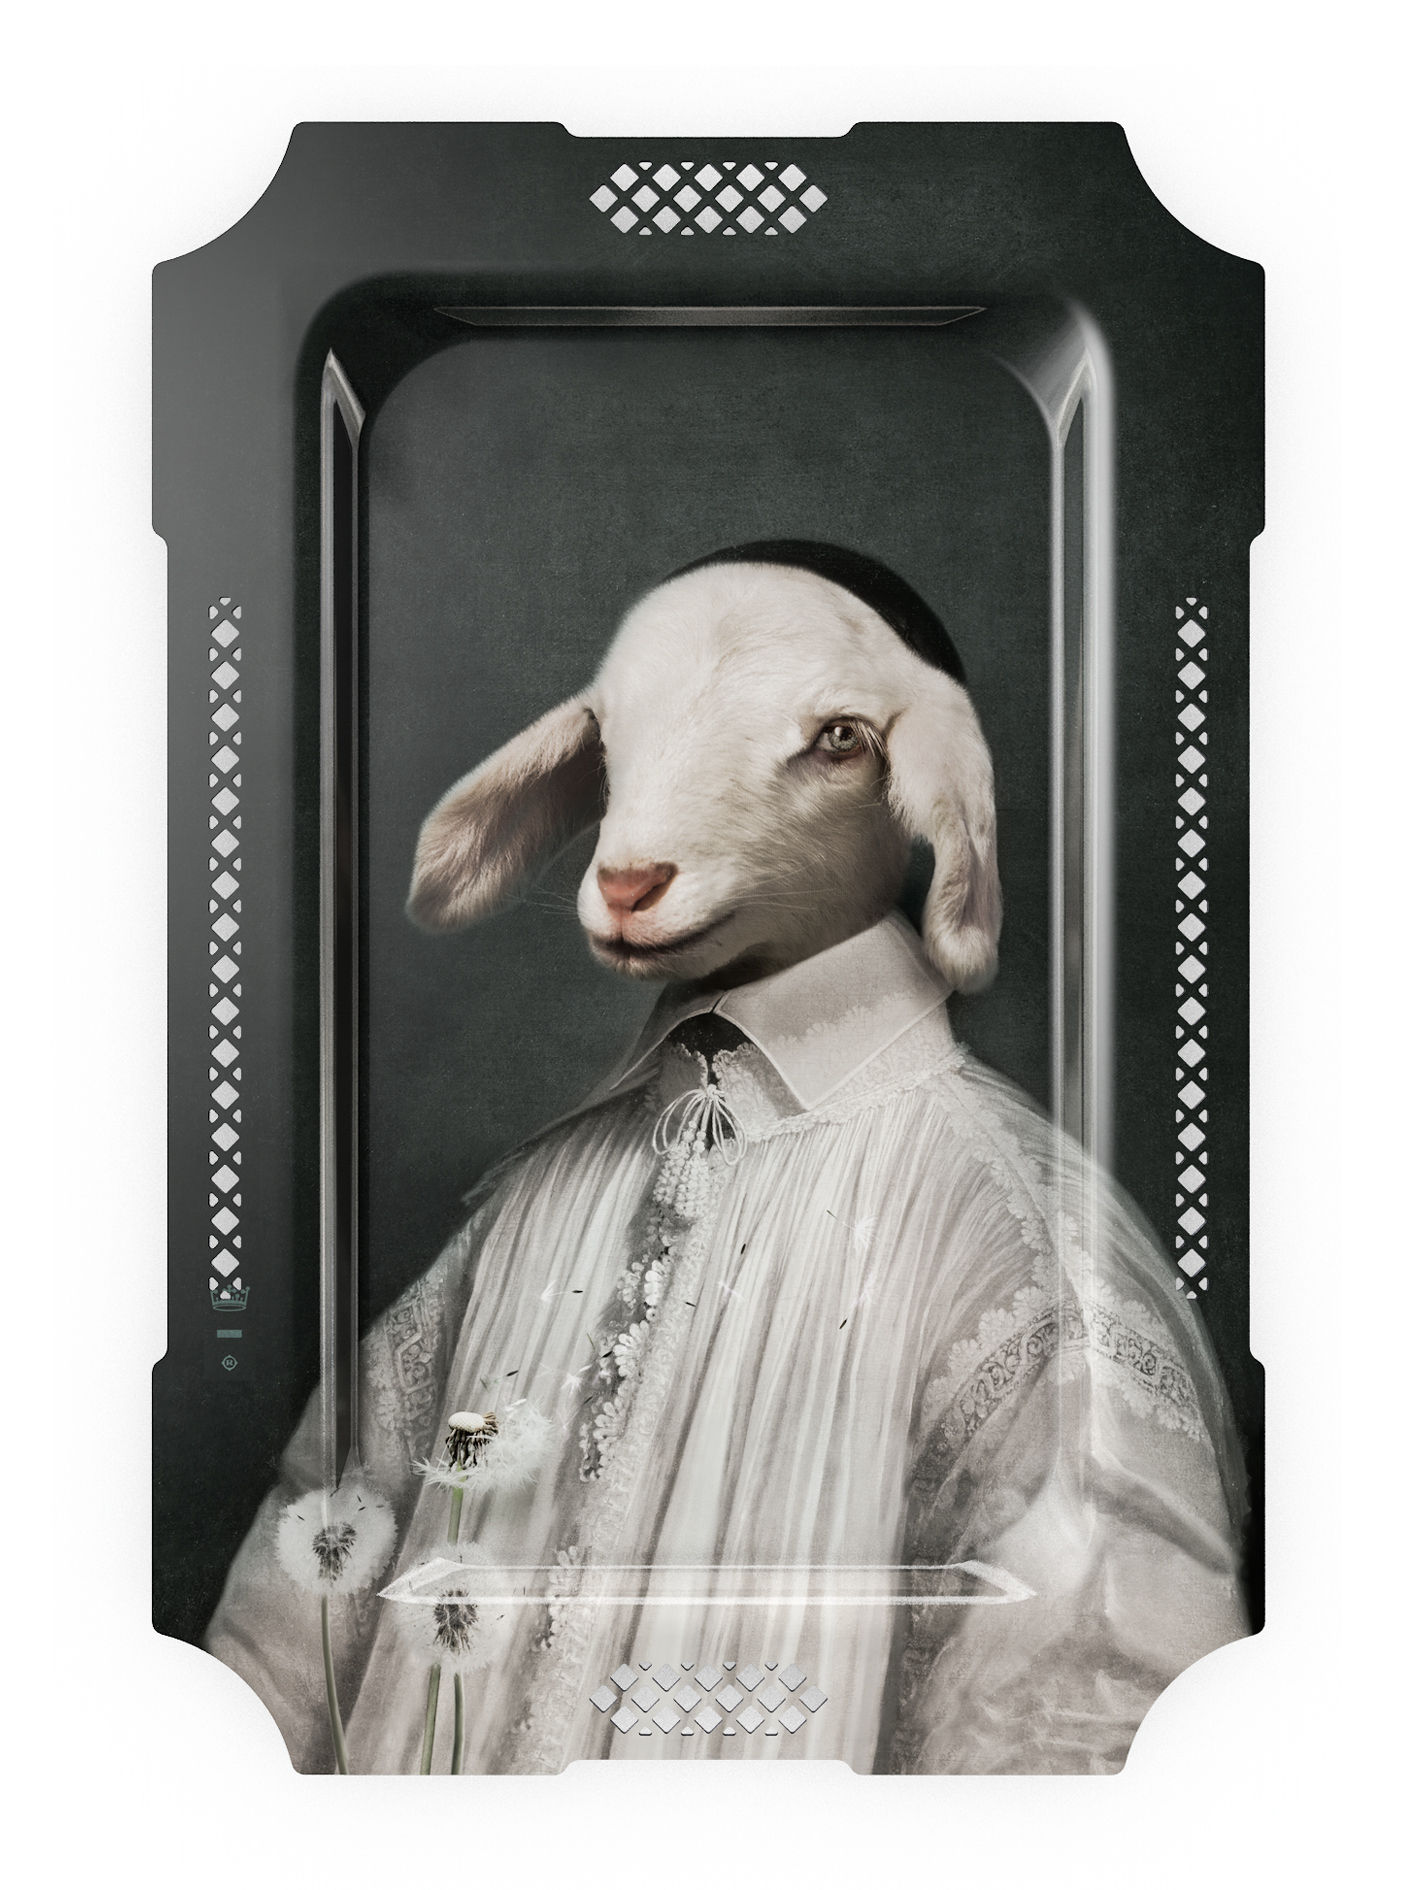 Tischkultur - Tabletts - Le loup et l'Agneau Tablett - Ibride - Lamm - massive Press-Spanplatte